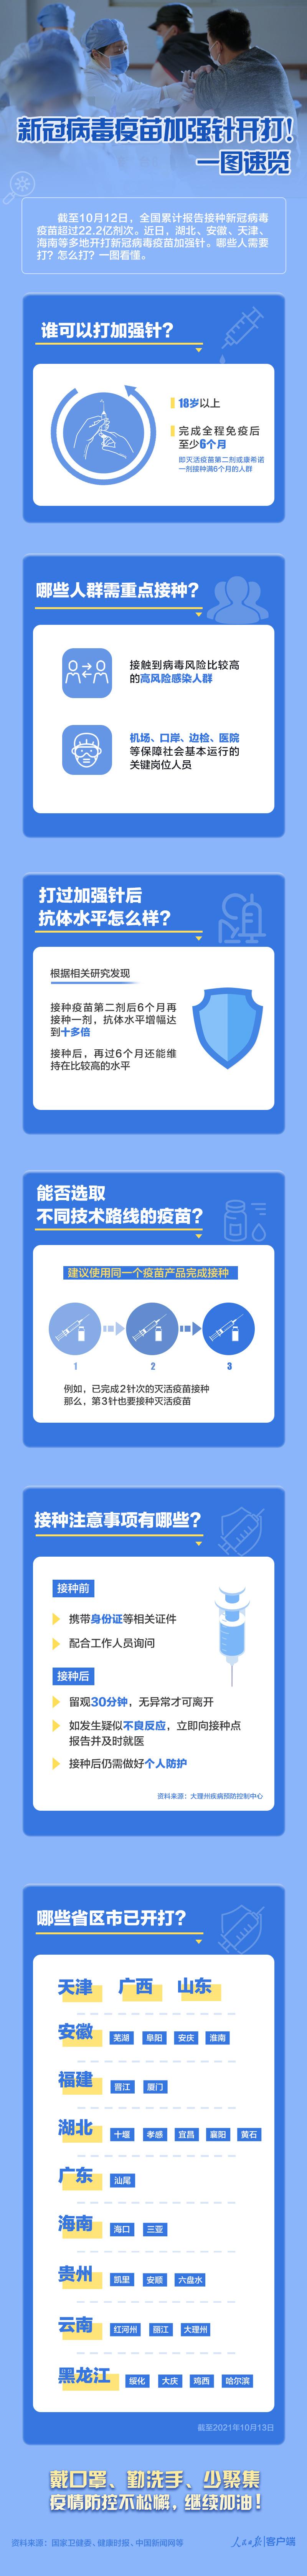 微信图片_20211013214743.jpg?x-oss-process=style/w10